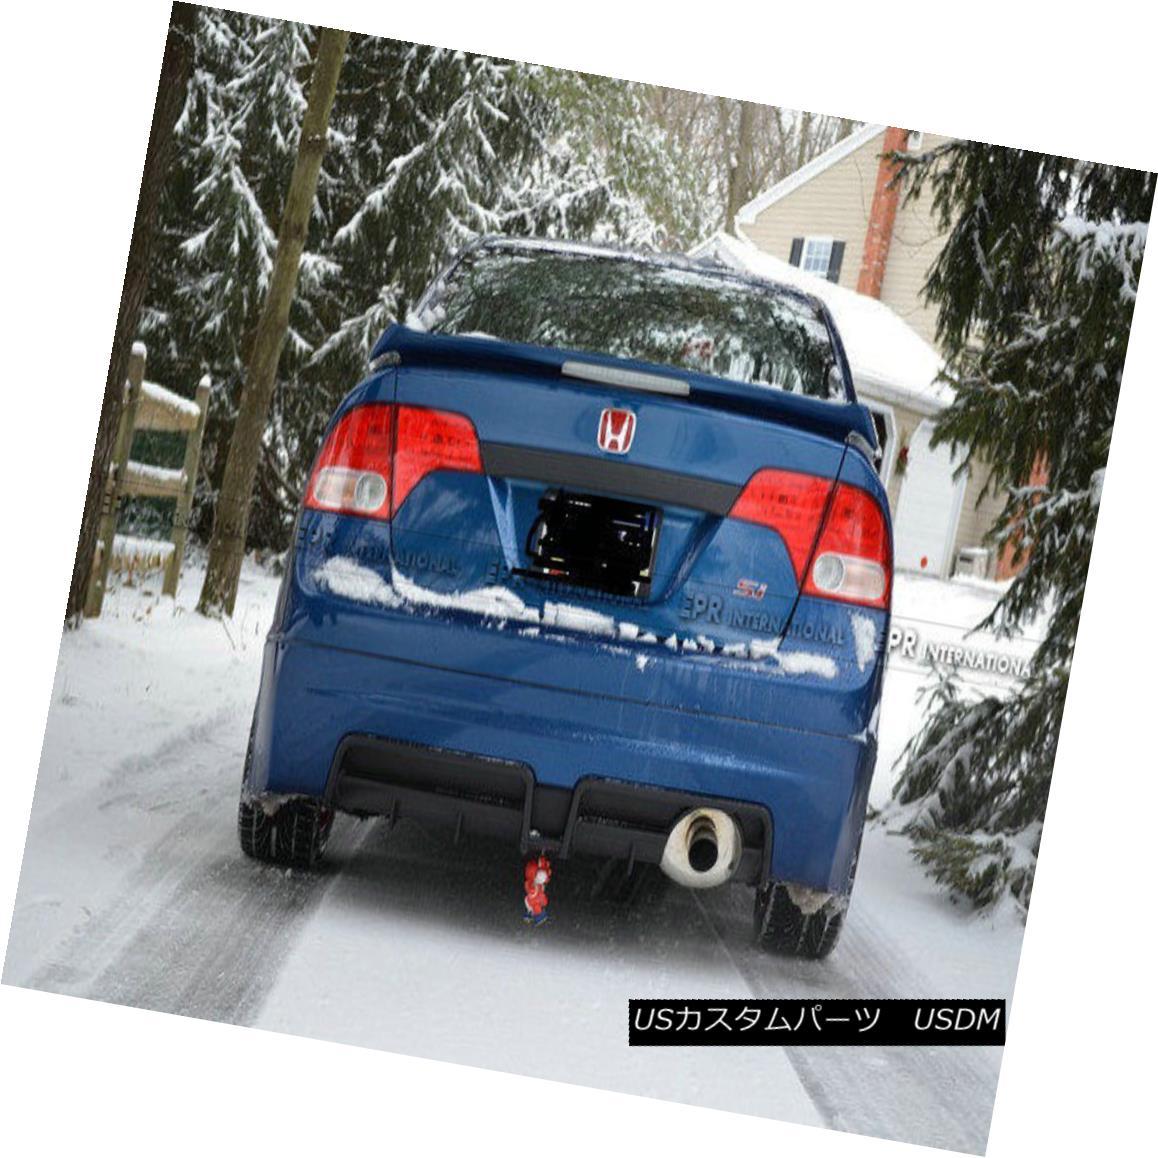 エアロパーツ Rear Bumper Diffuser For Honda 8th Generation Civic SI Mugn FA USDM Carbon Fiber ホンダ8thシビックSI Mugn FA USDMカーボンファイバー用リアバンパーディフューザー